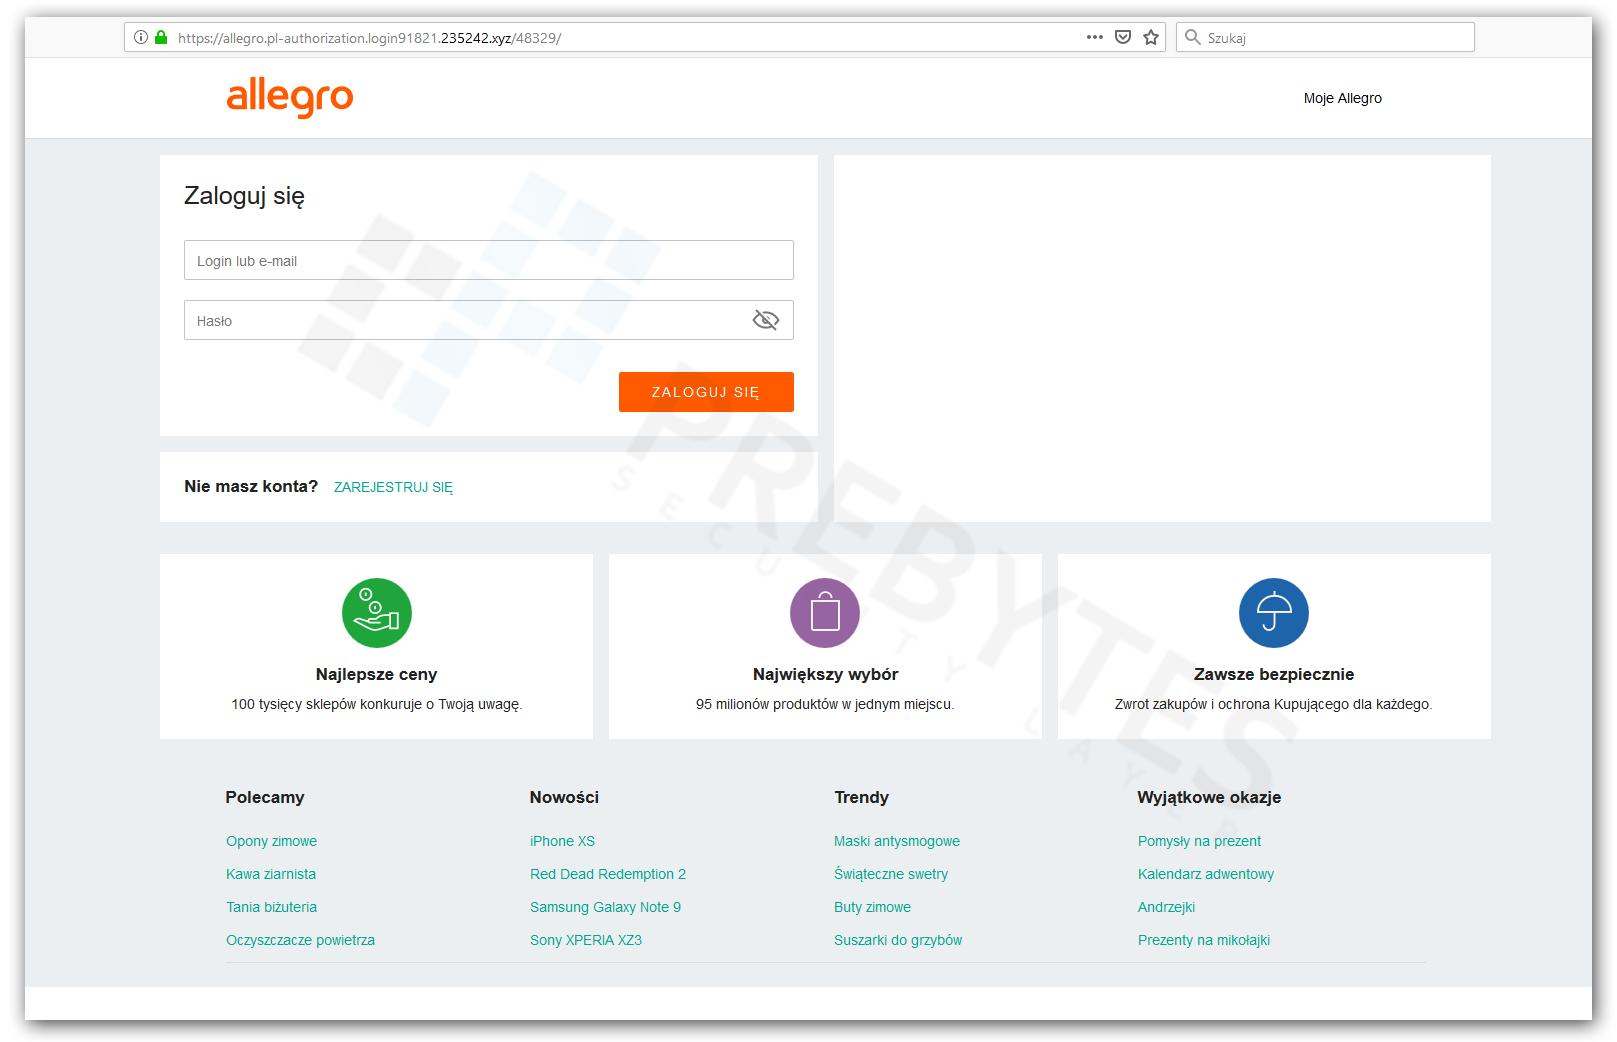 allegro_phishing